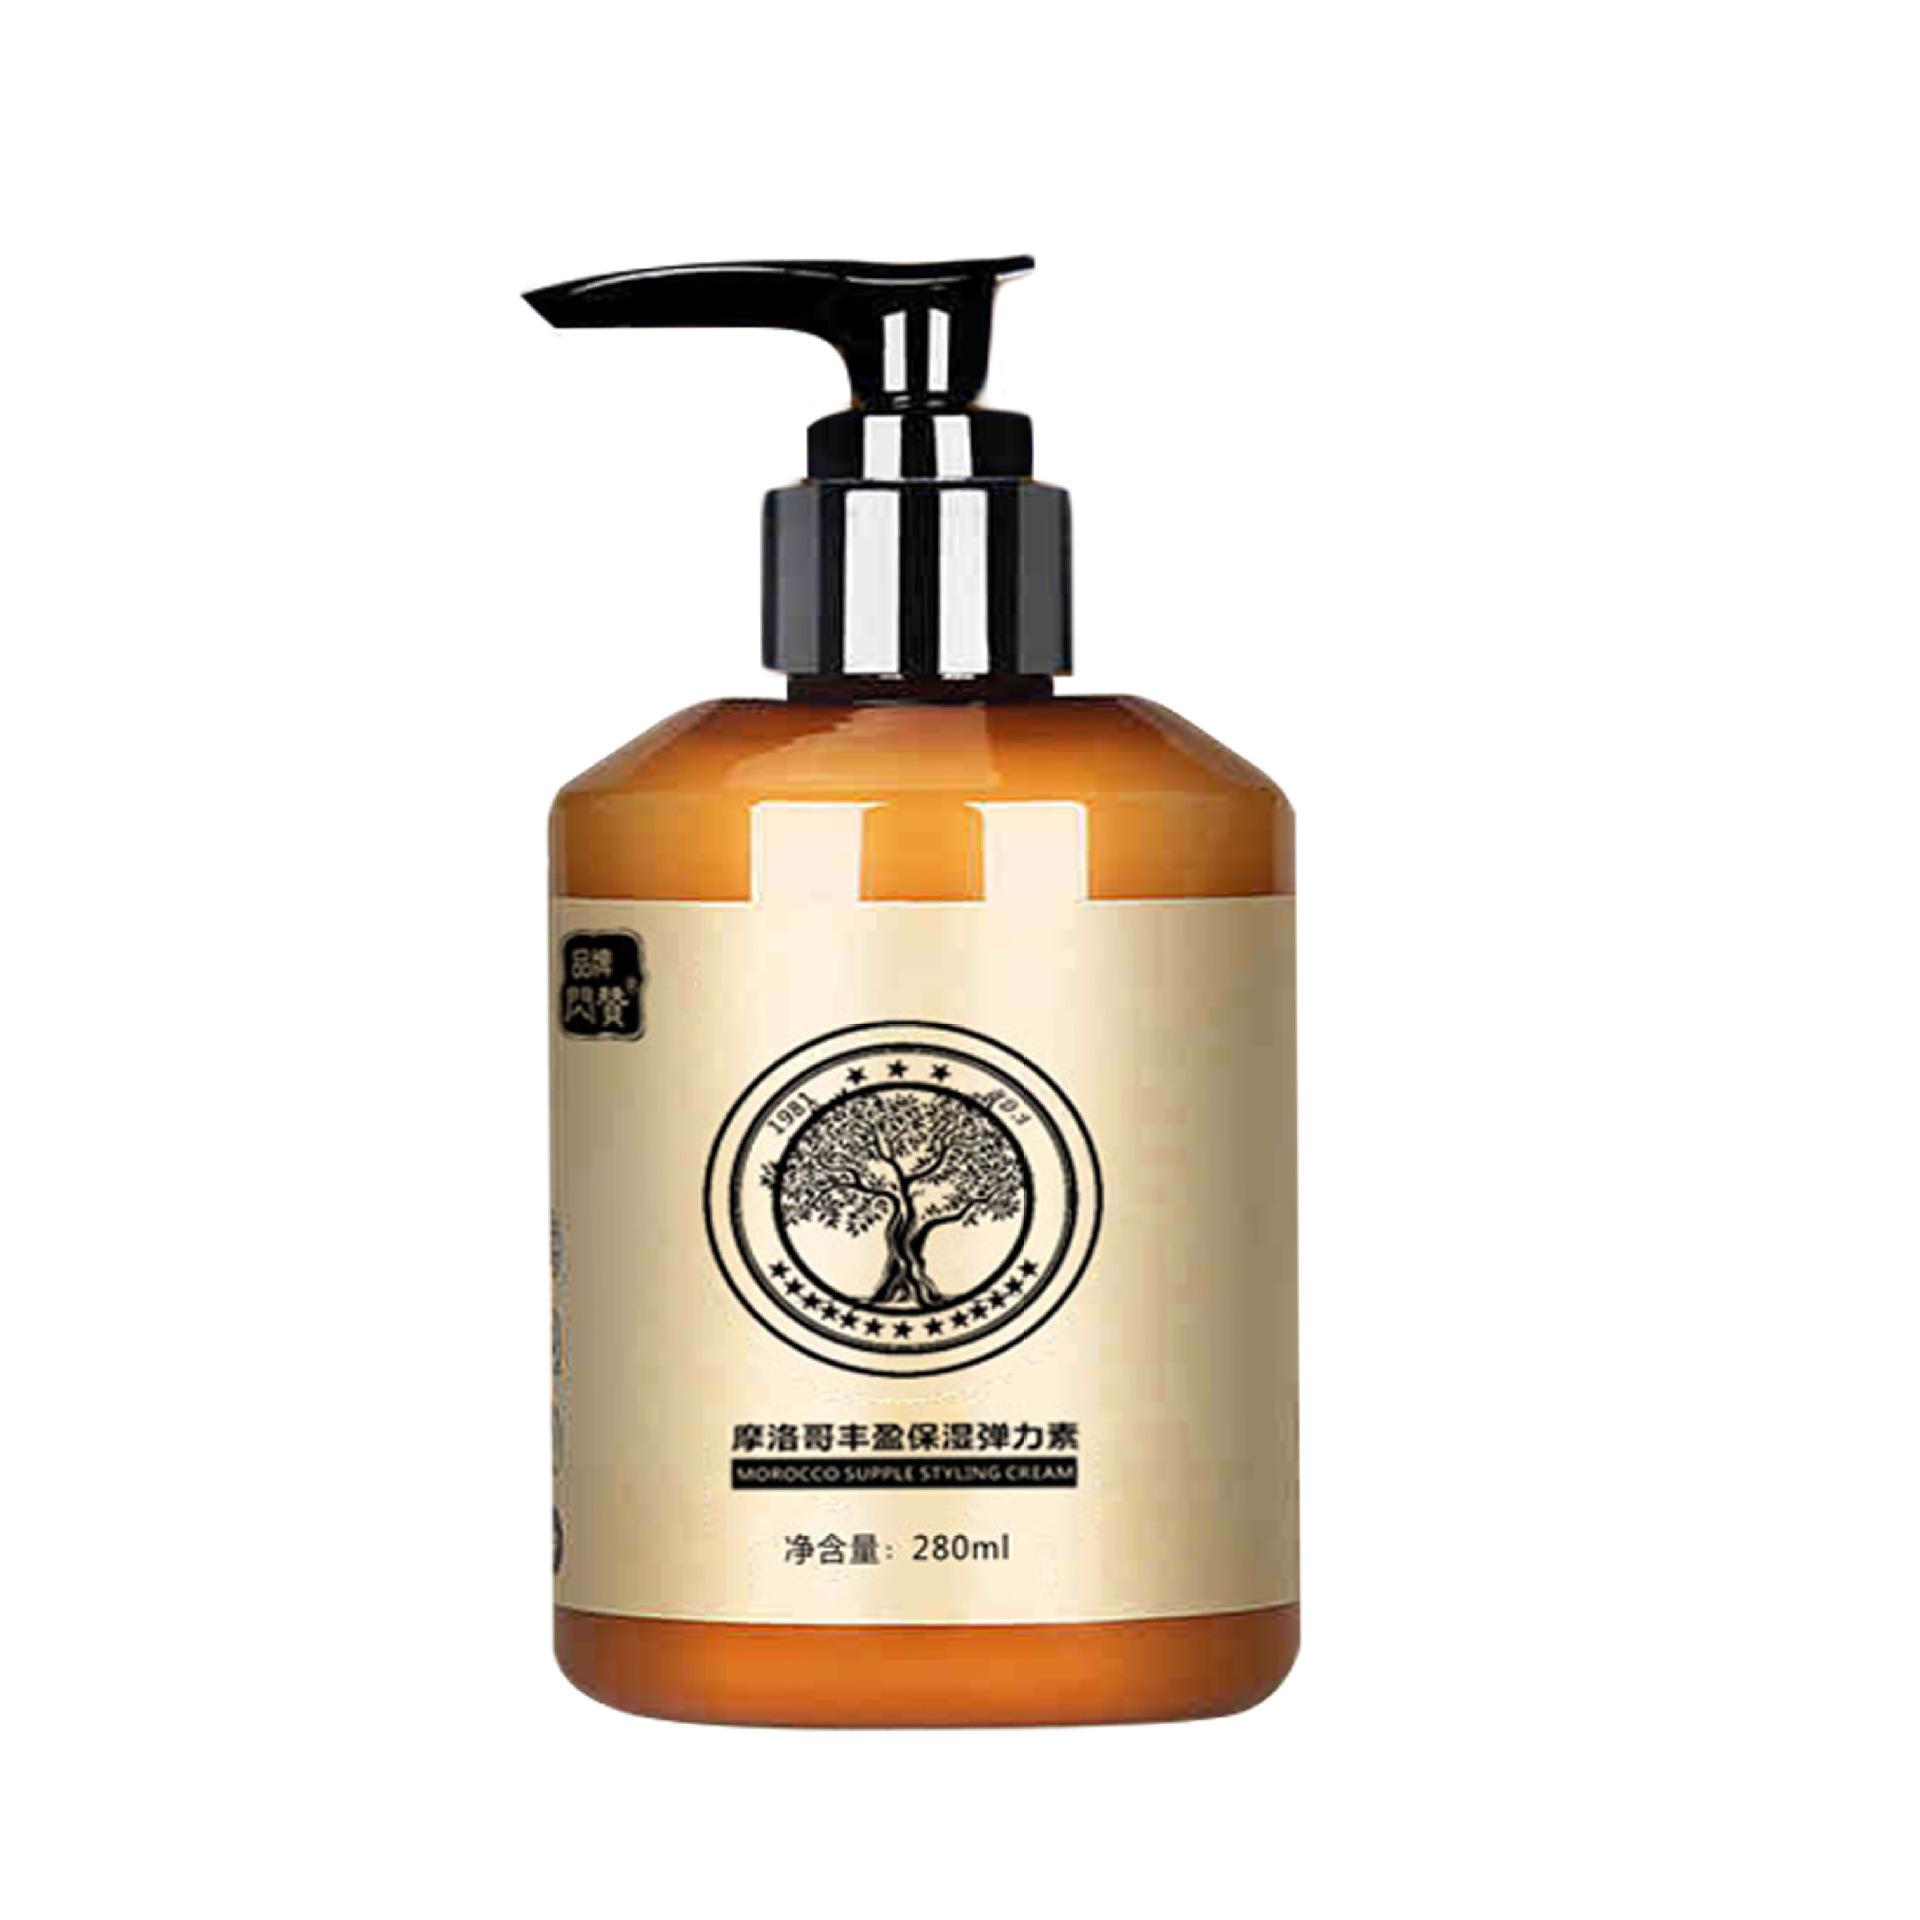 弹力素卷发保湿精油定型护发精华啫喱水膏清香烫发后防毛躁持久